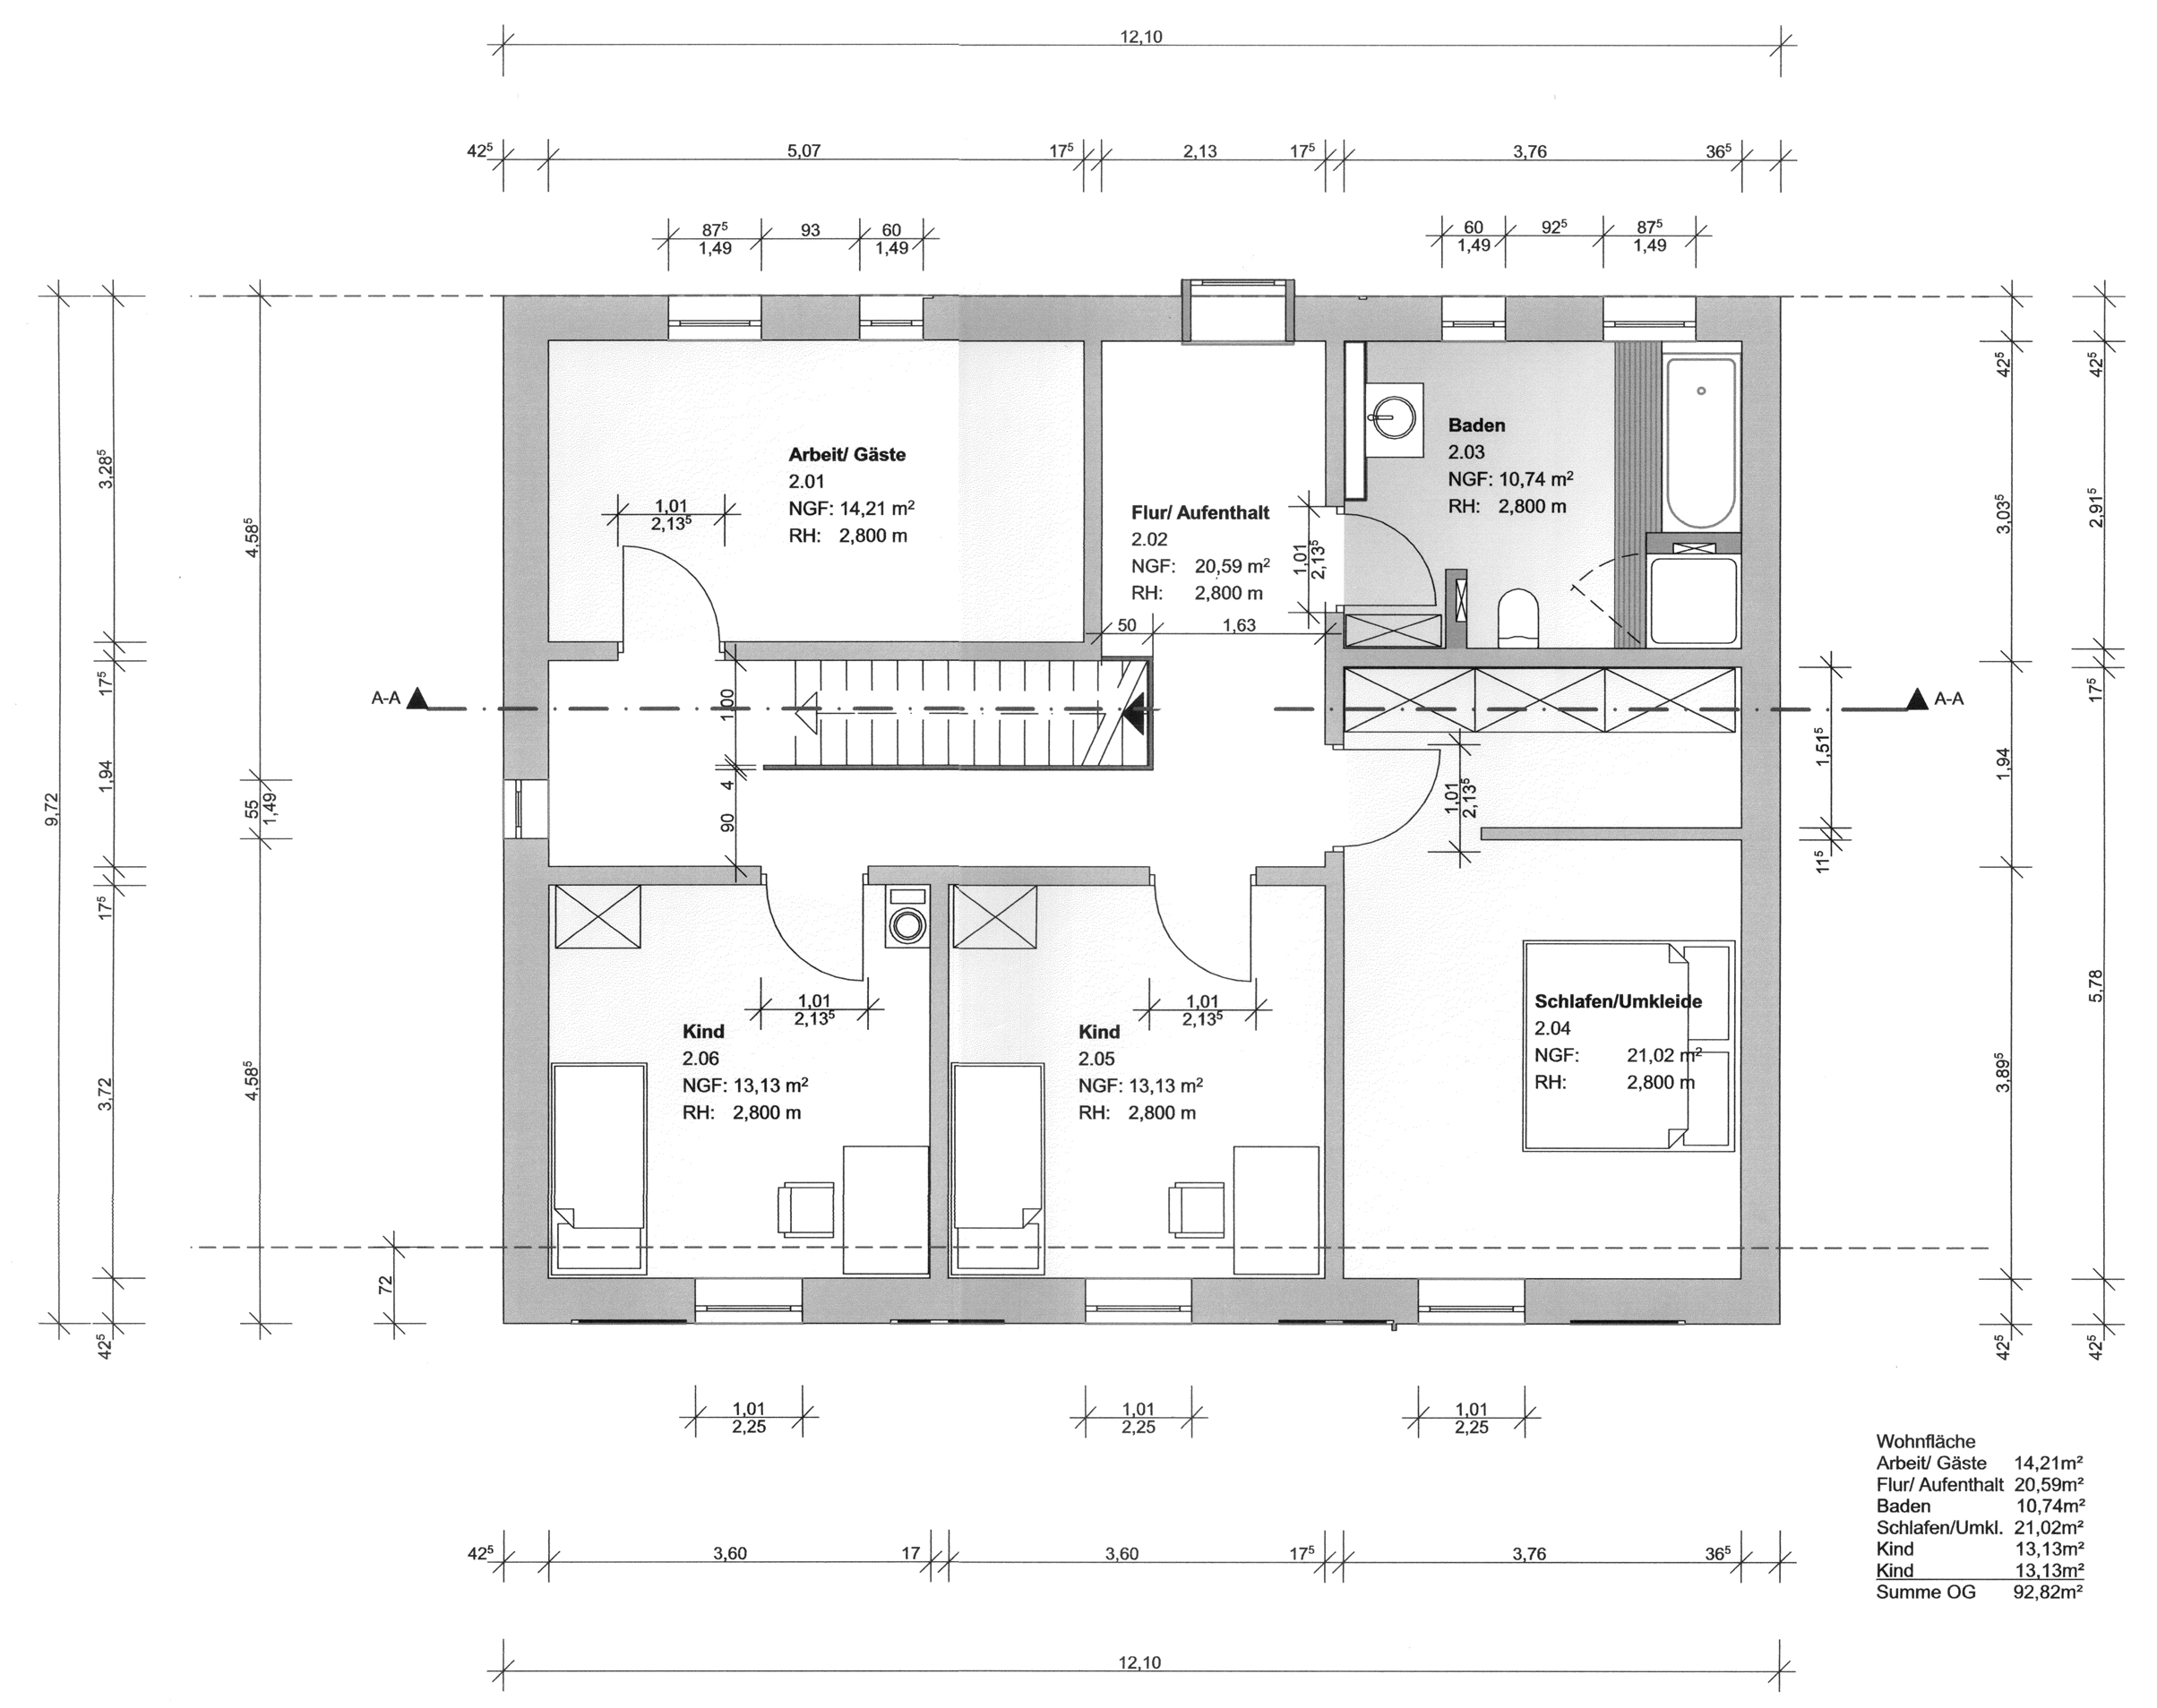 schrittma regel treppe schrittma regel treppe berechnen. Black Bedroom Furniture Sets. Home Design Ideas